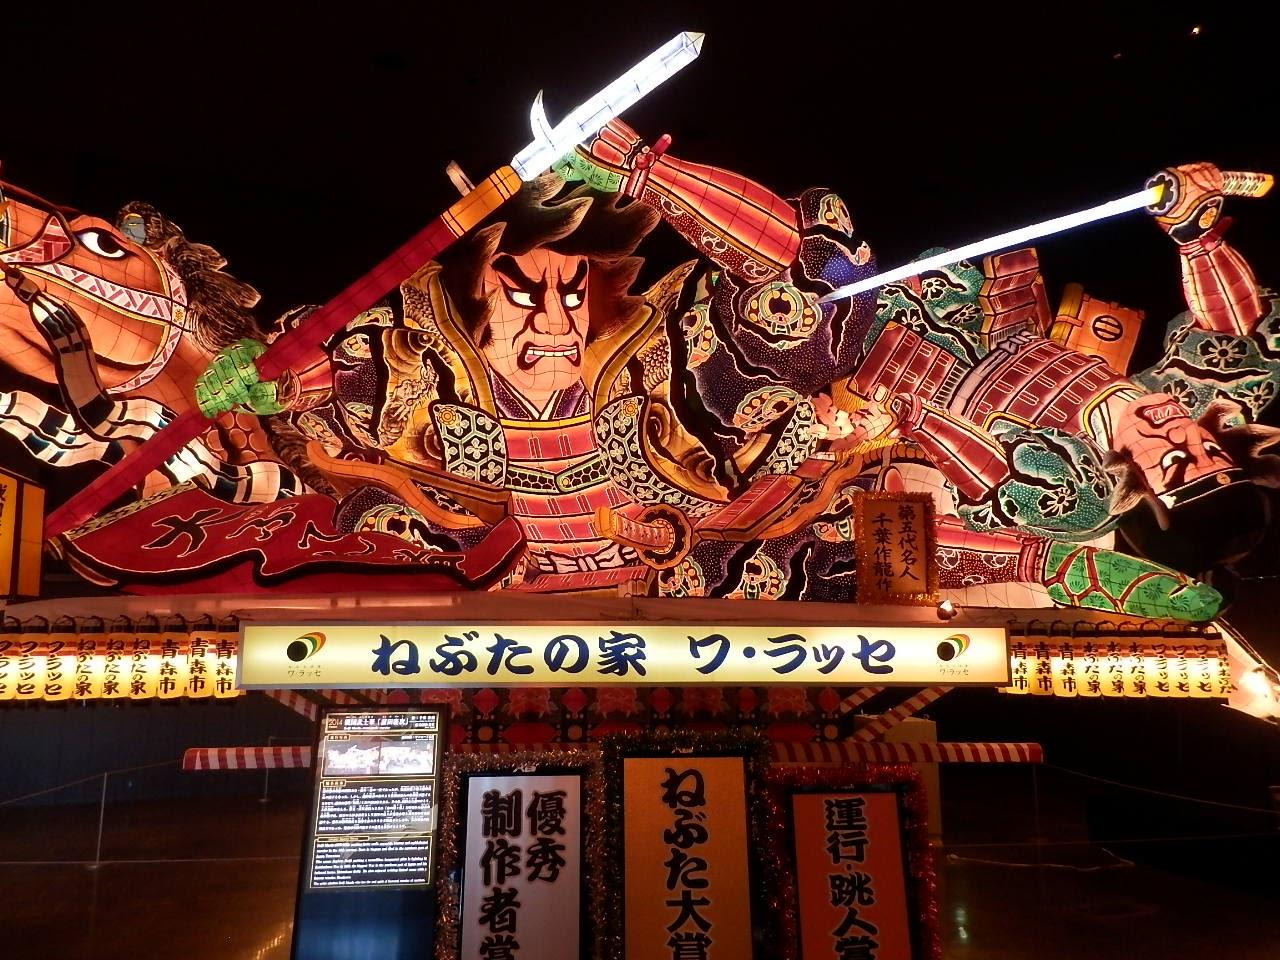 【北海道新幹線開業記念】 2015青森旅行を振り返る 春の陣~参~